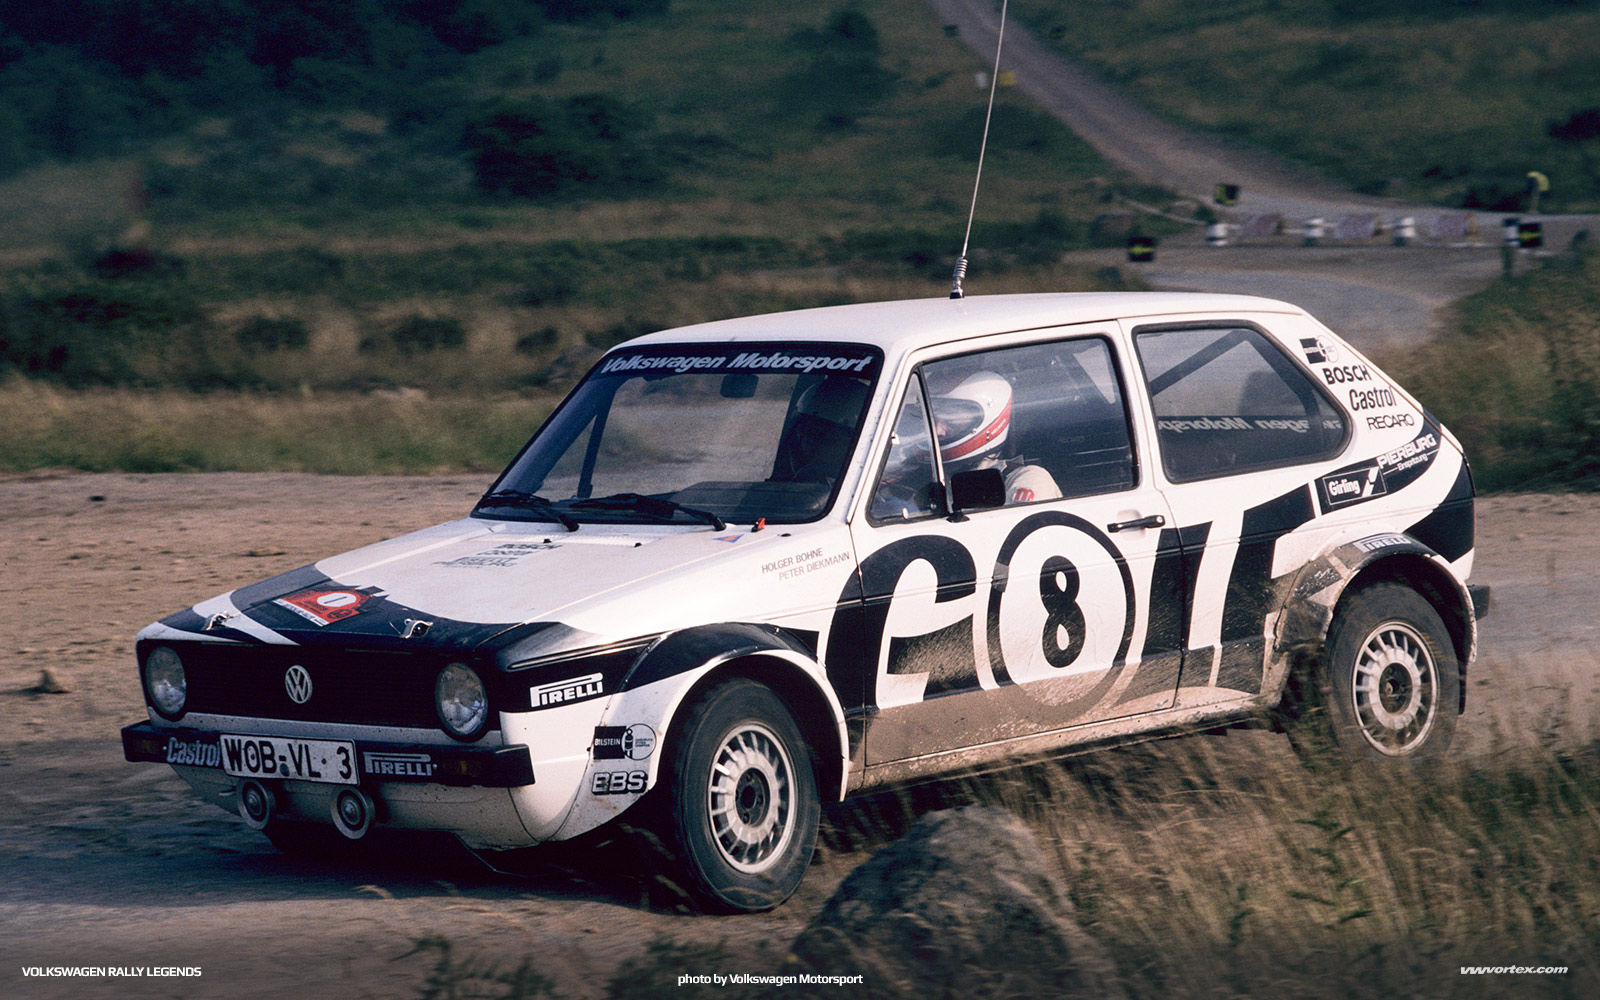 volkswagen-rally-legends-385